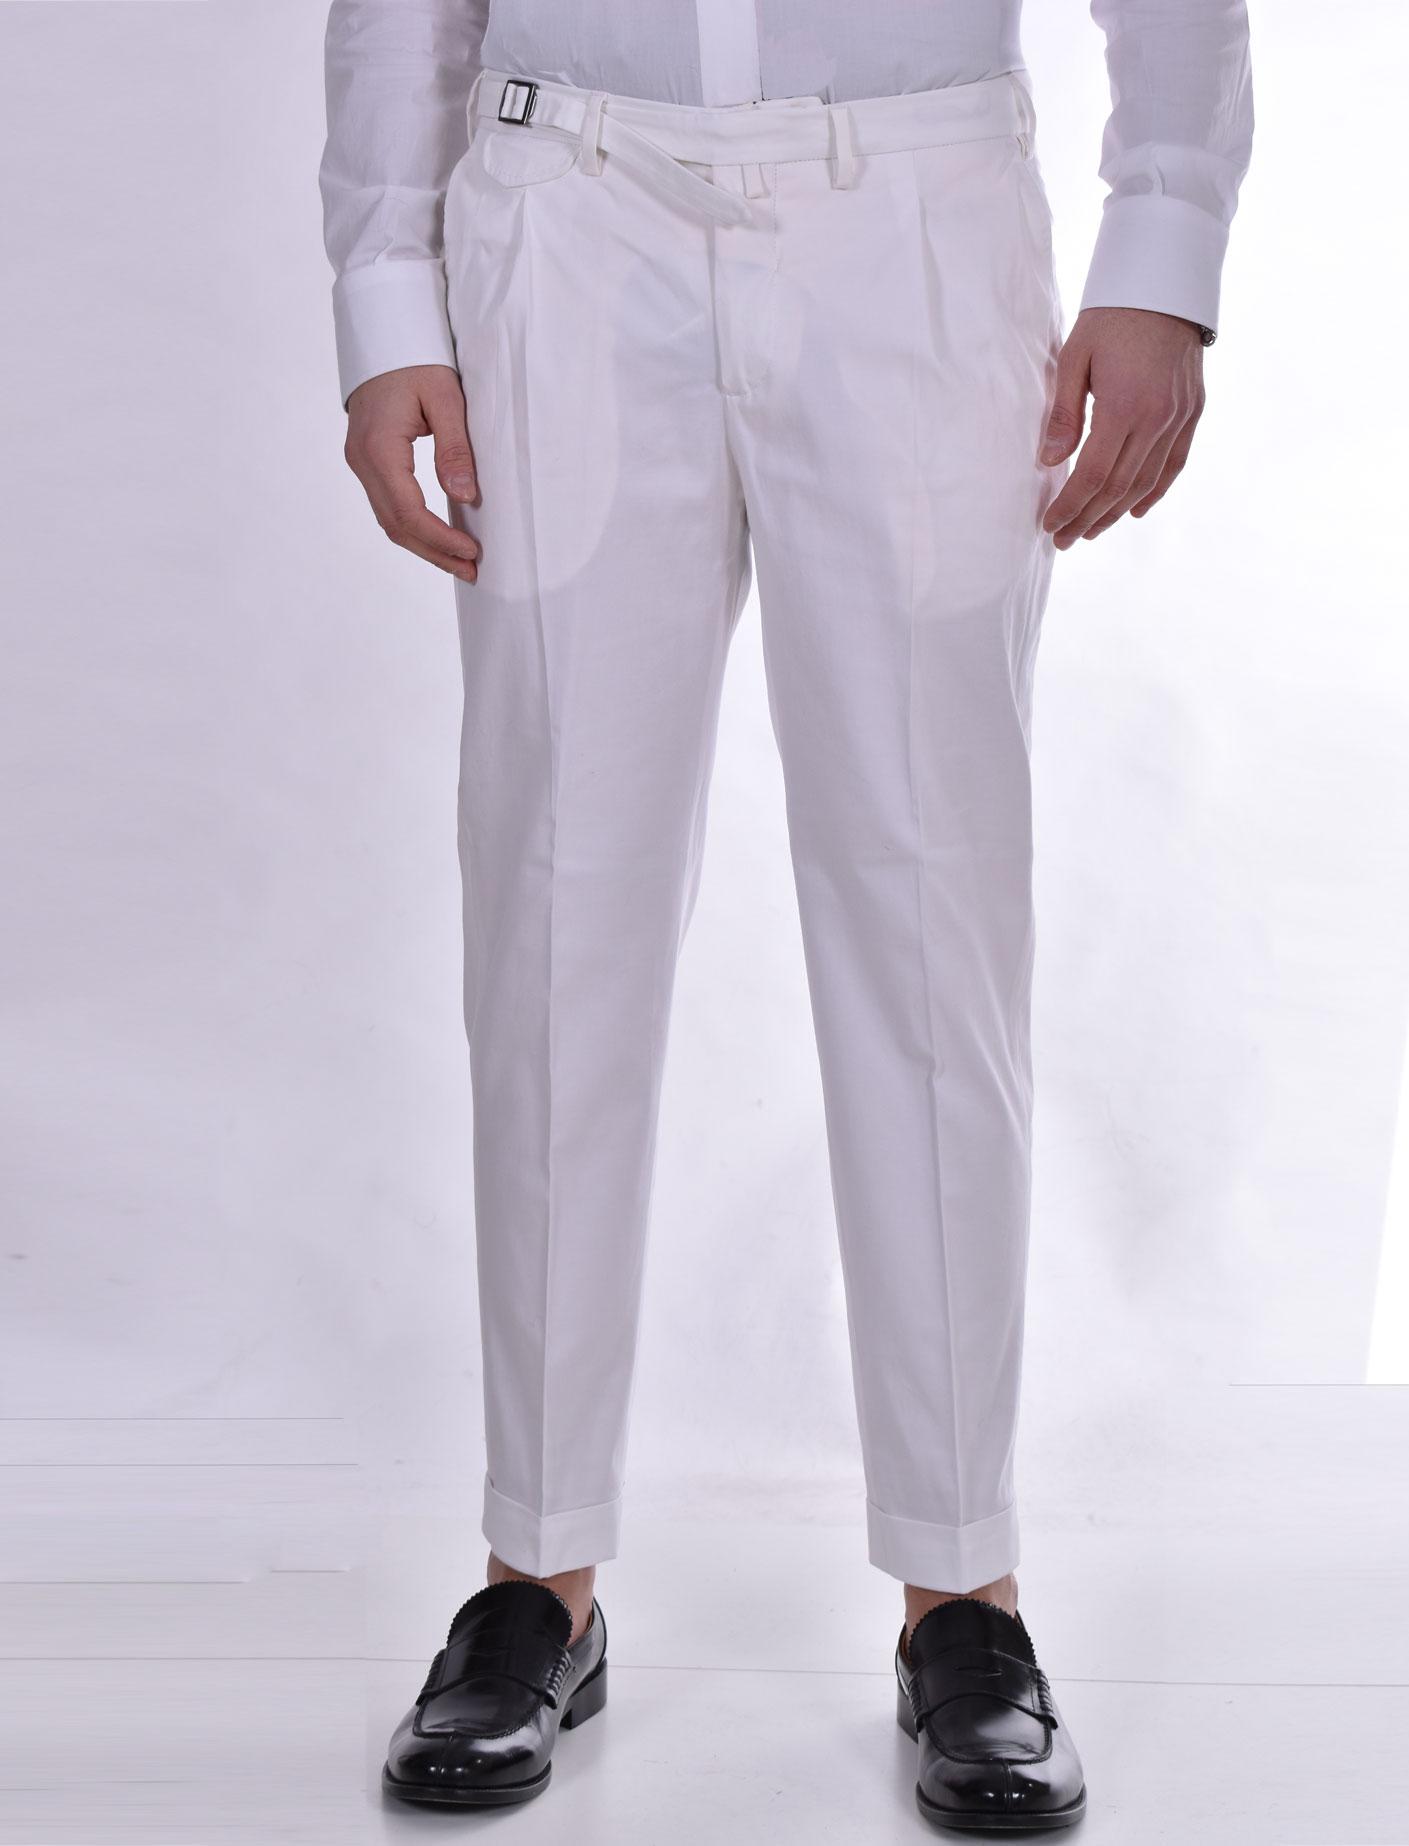 Barbati dodo trousers with white strap BARBATI   39102